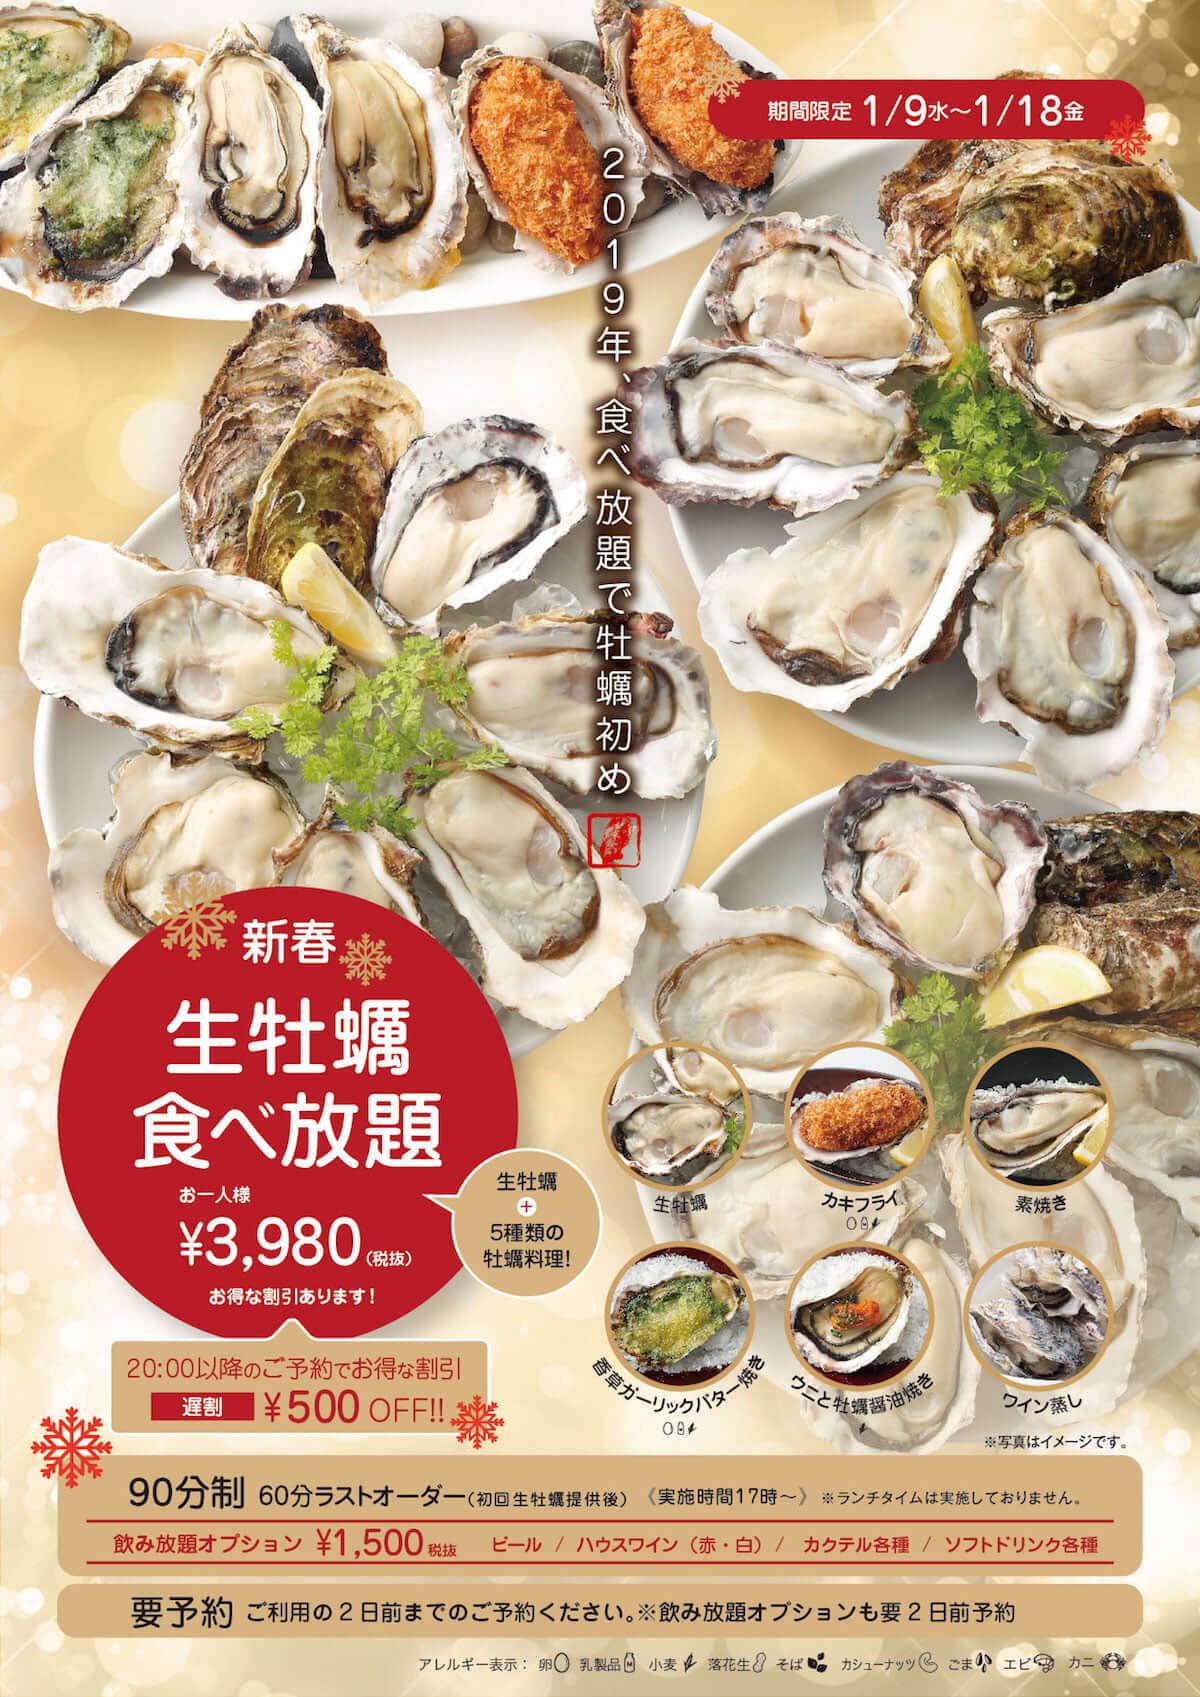 2019年最初の牡蠣食べ放題!飲み疲れの肝臓には牡蠣を! gourmet190105-oysterbar-2-1200x1697